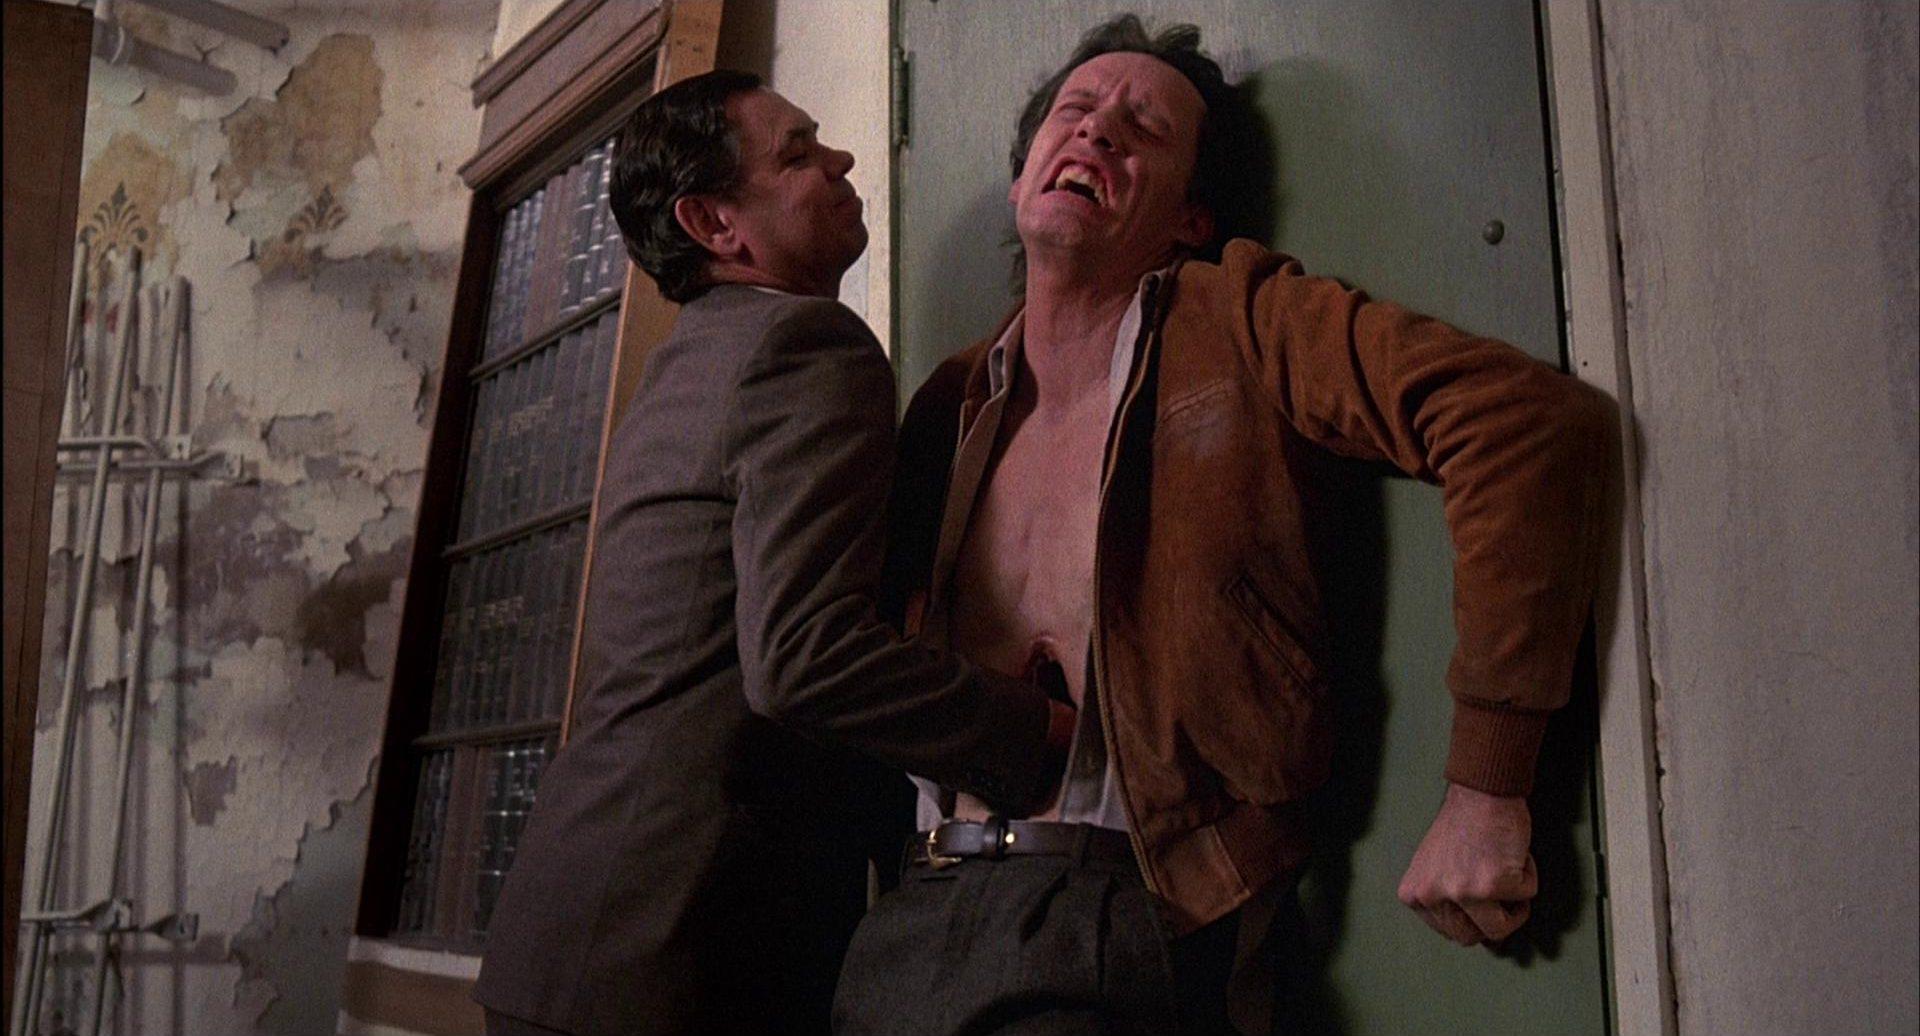 Renn mit schmerzverzerrtem Gesich, als ihm Barry Convex etwas in den Bauch einschiebt.